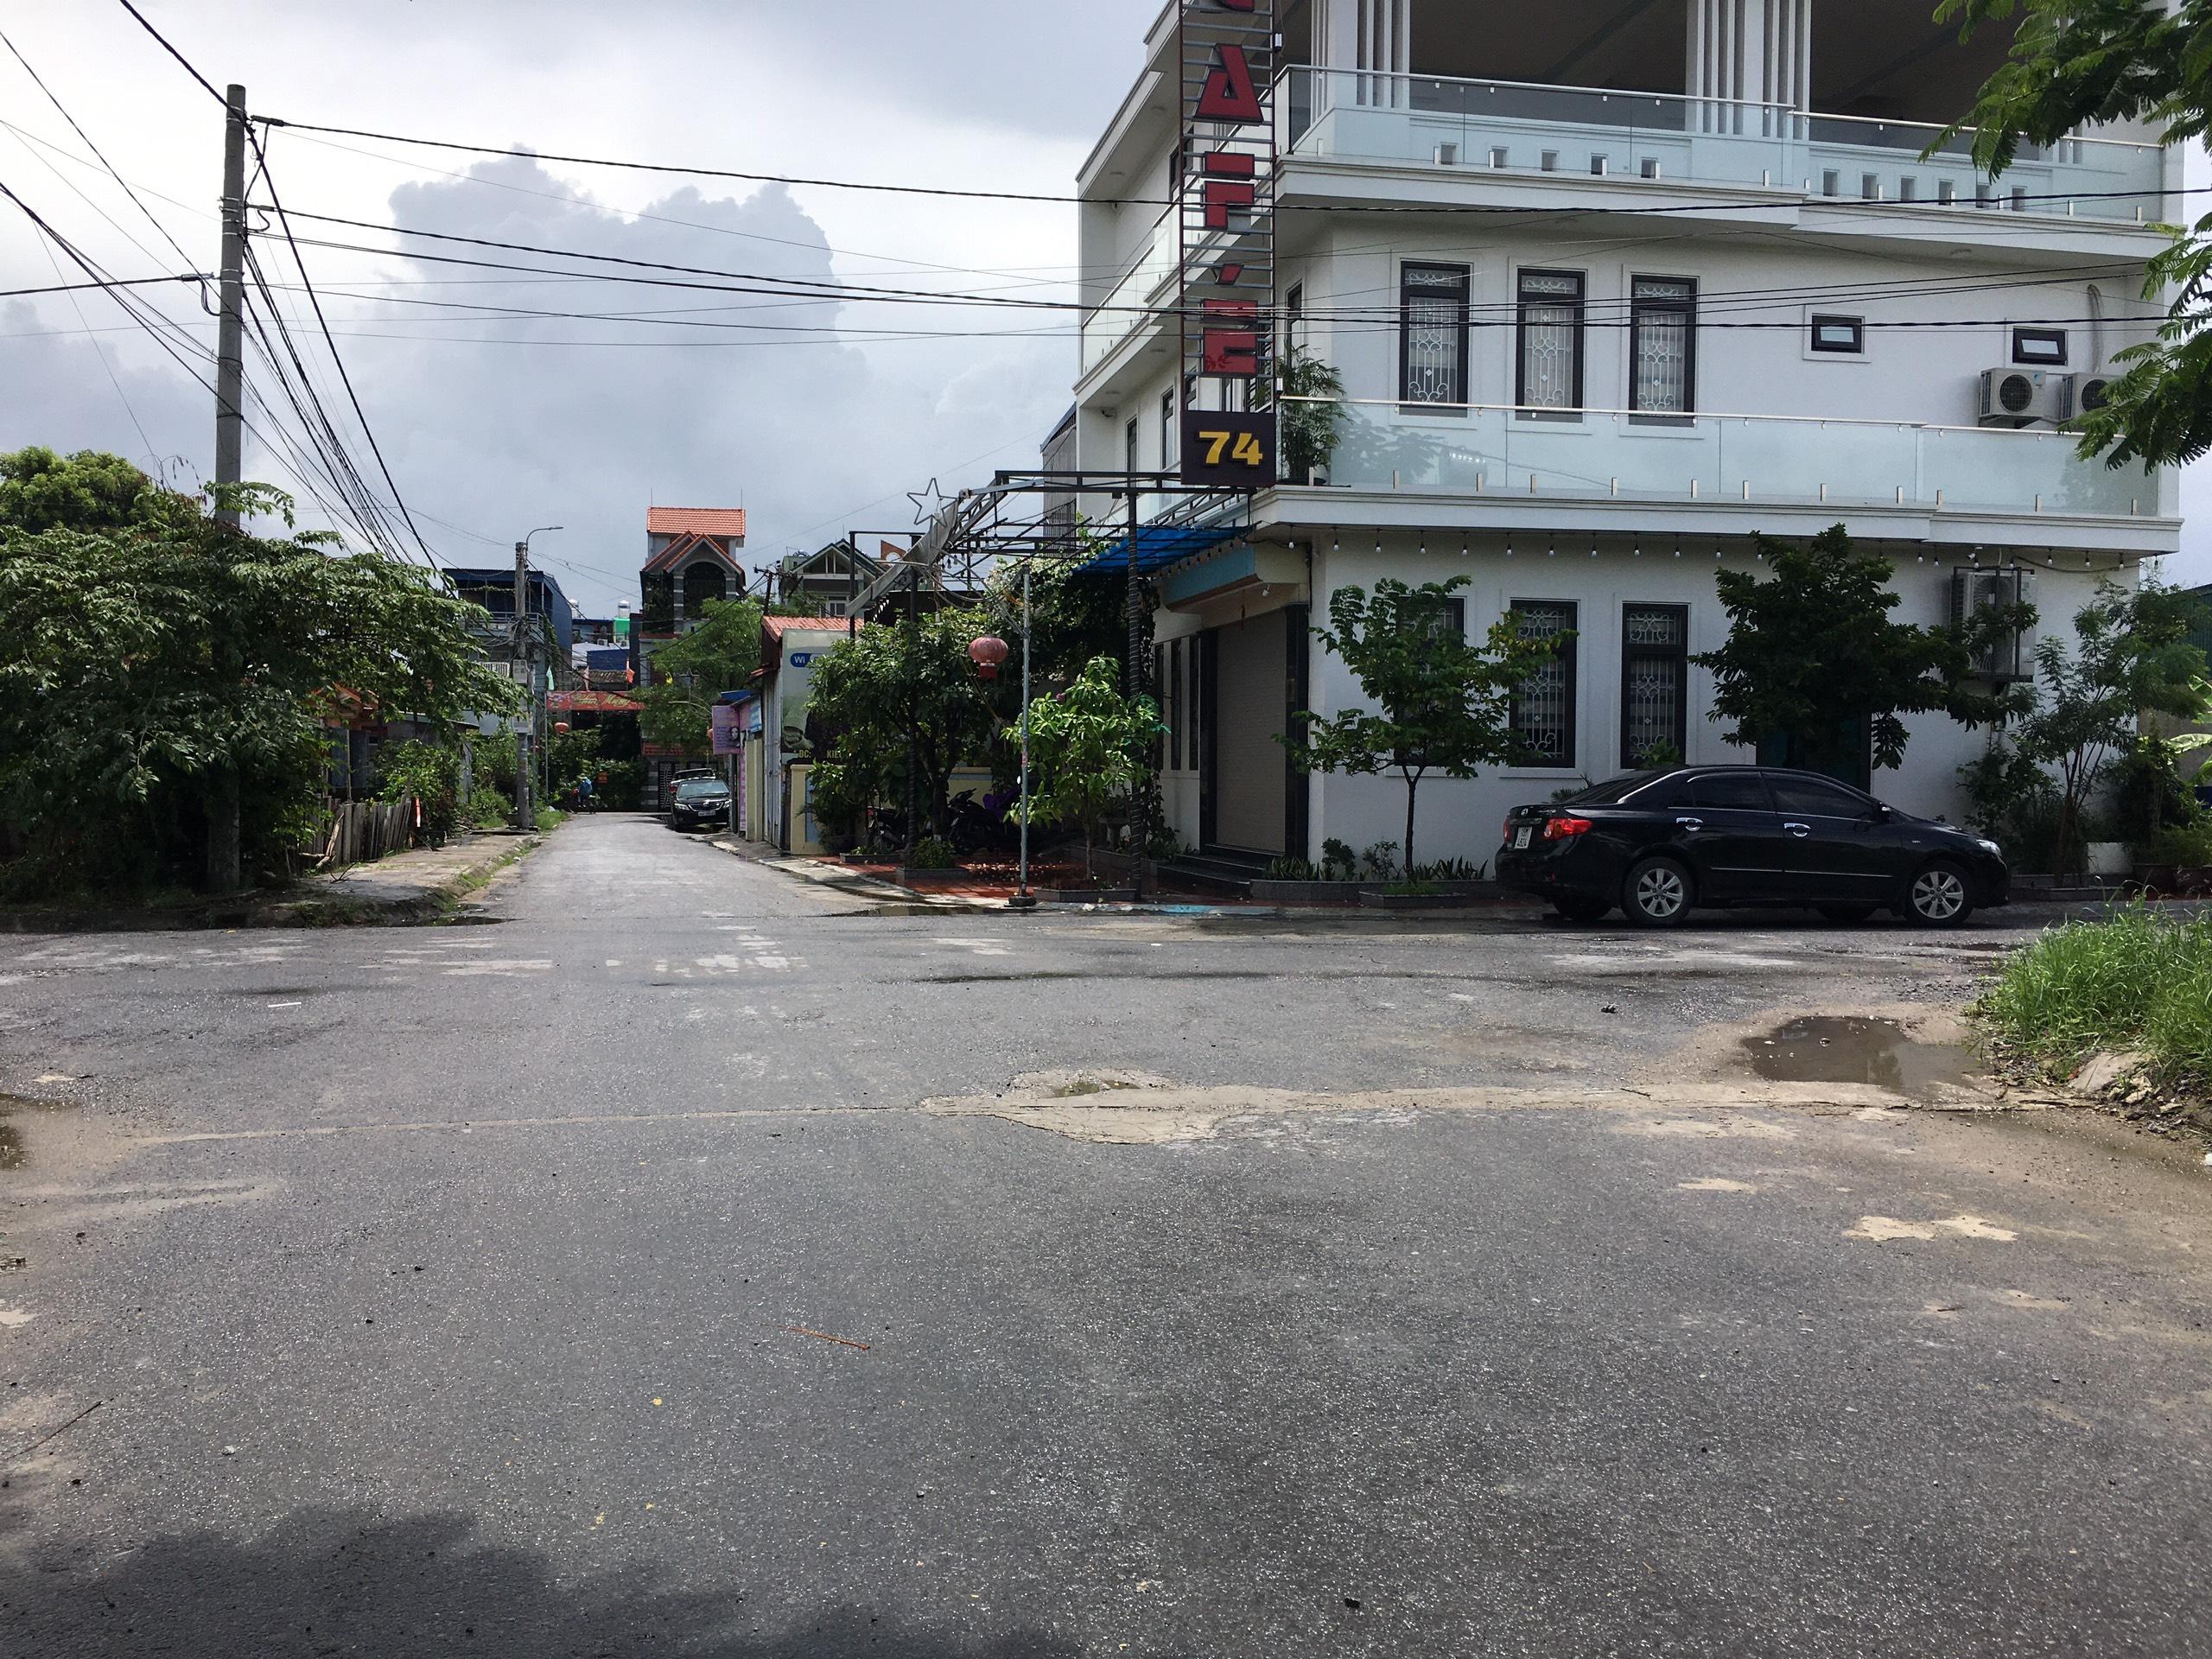 Bán nhanh lô đất mặt đường Kiều Hạ, Đông Hải 2, Hải An, Hải Phòng.